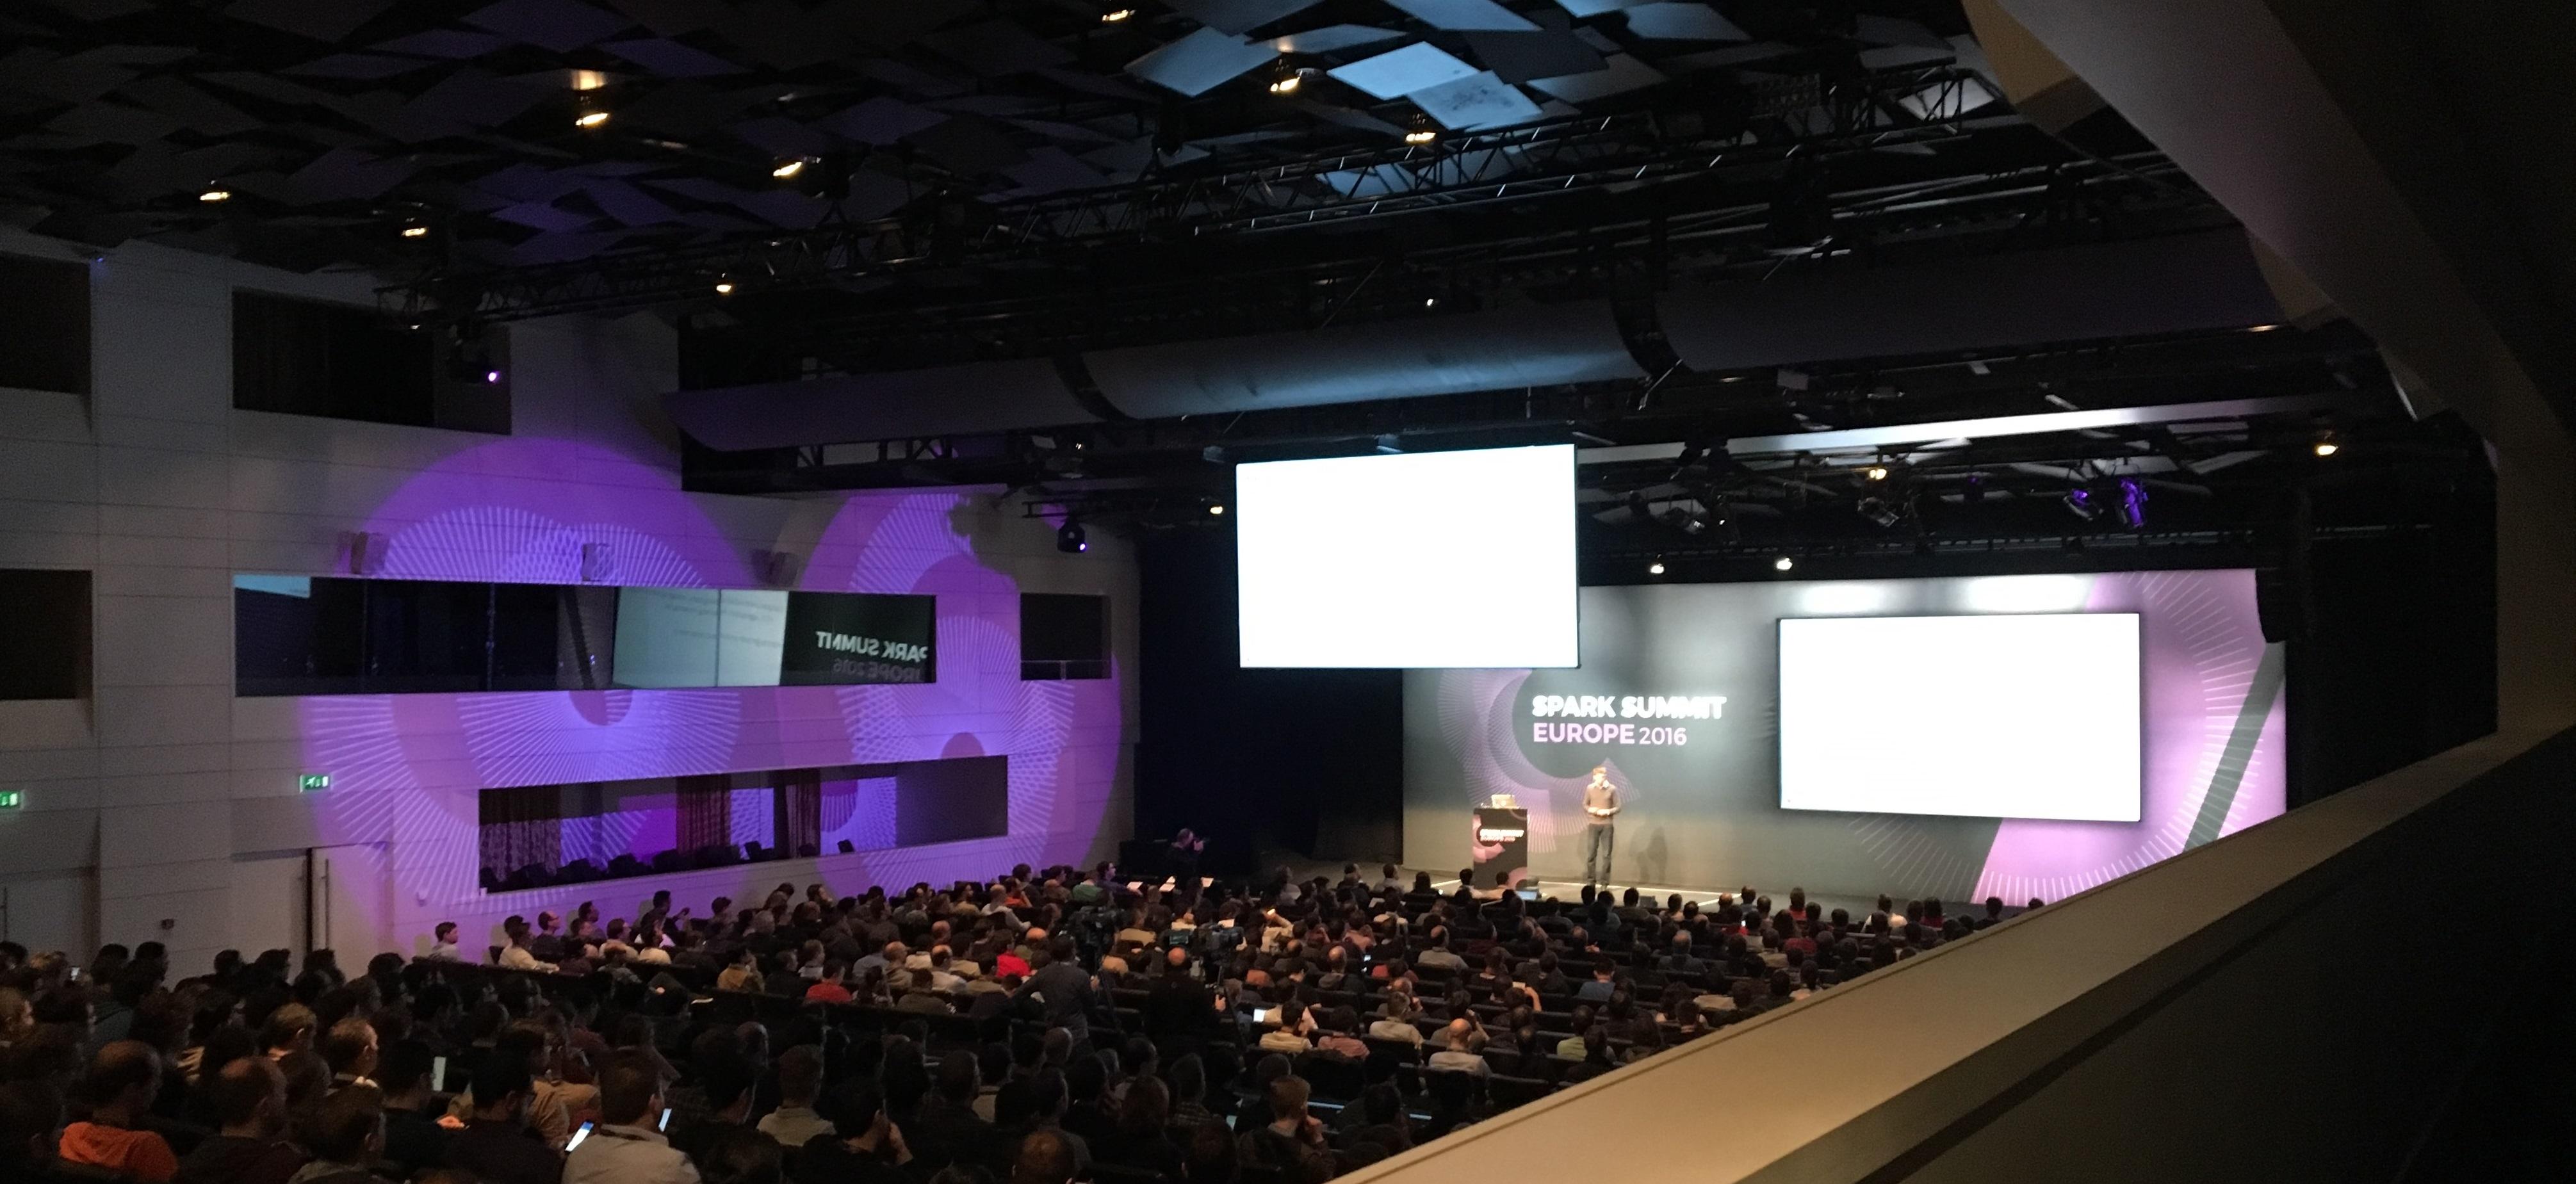 Nachlese zum Apache Spark Summit: Big Data & Machine Learning